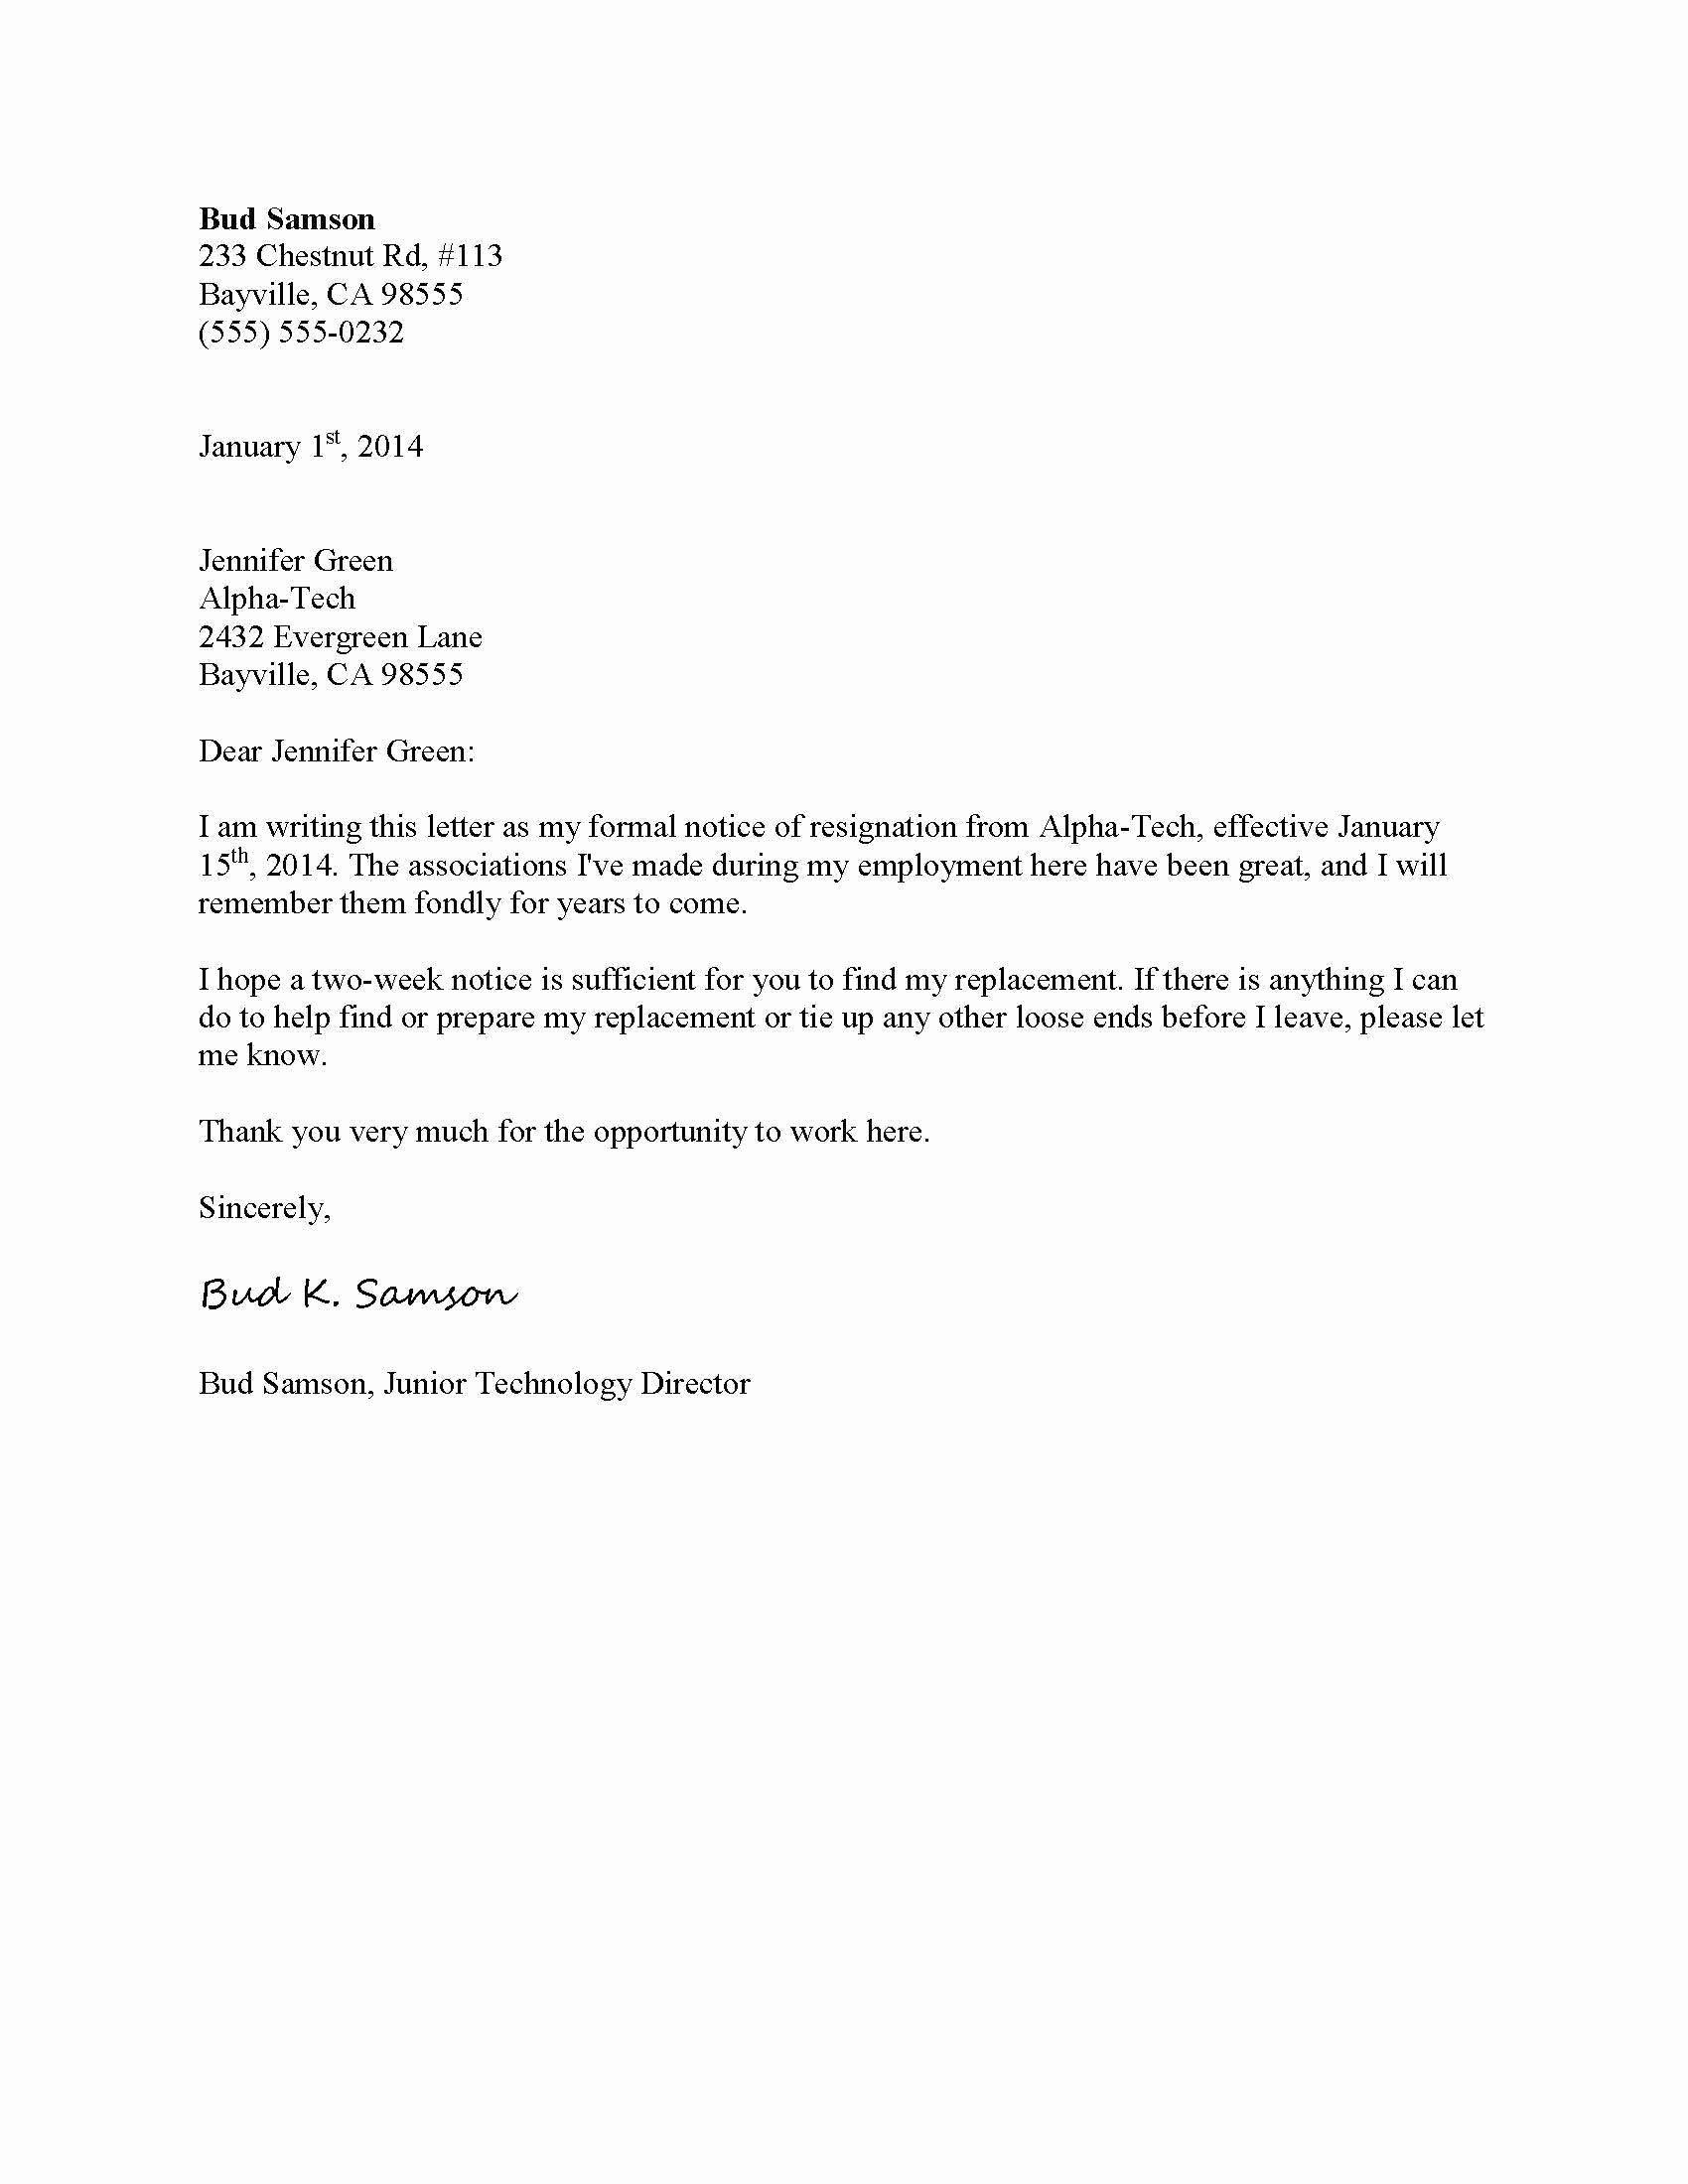 Format for Resignation Letter New Resignation Letter